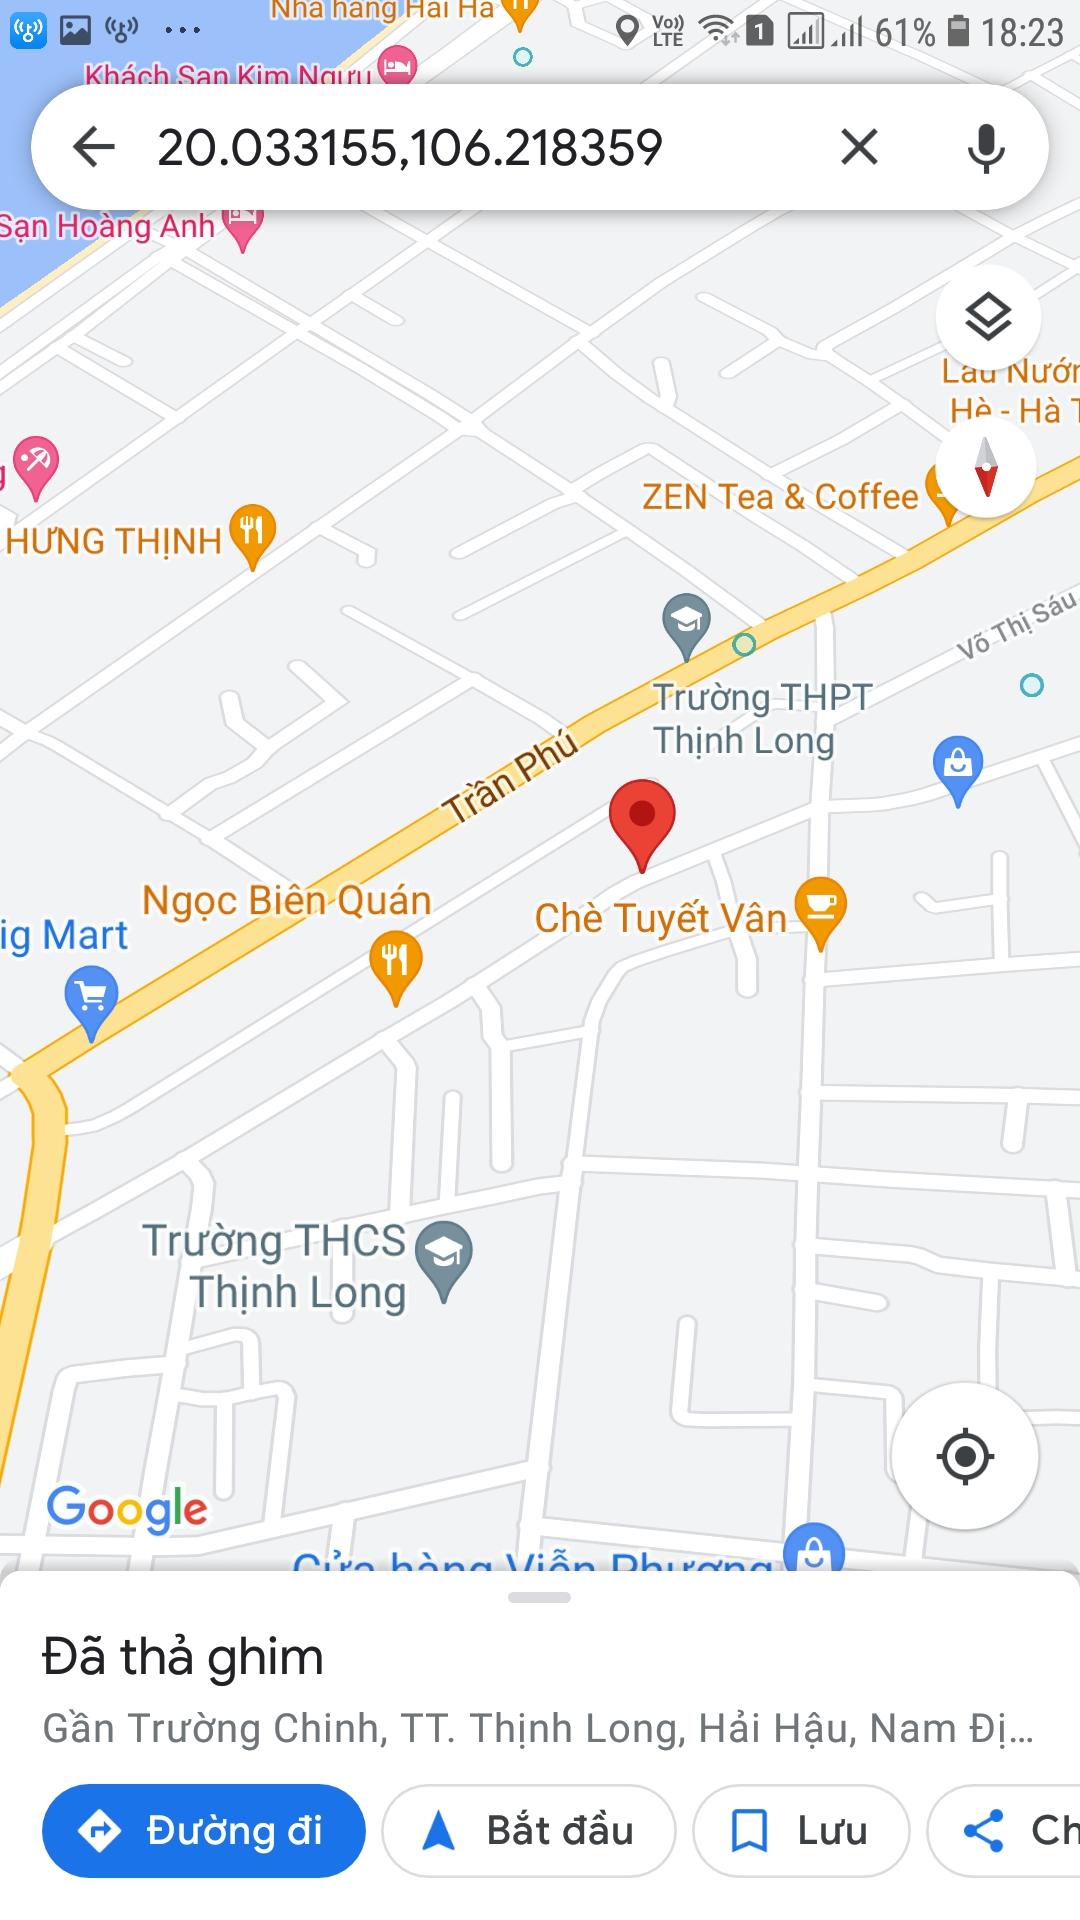 Bán đất chính chủ (5x25) 125m2 trên đường Trường Chinh thuộc Khu 18 Thịnh Trấn Thịnh Long , Hải Hậu , Nam Định